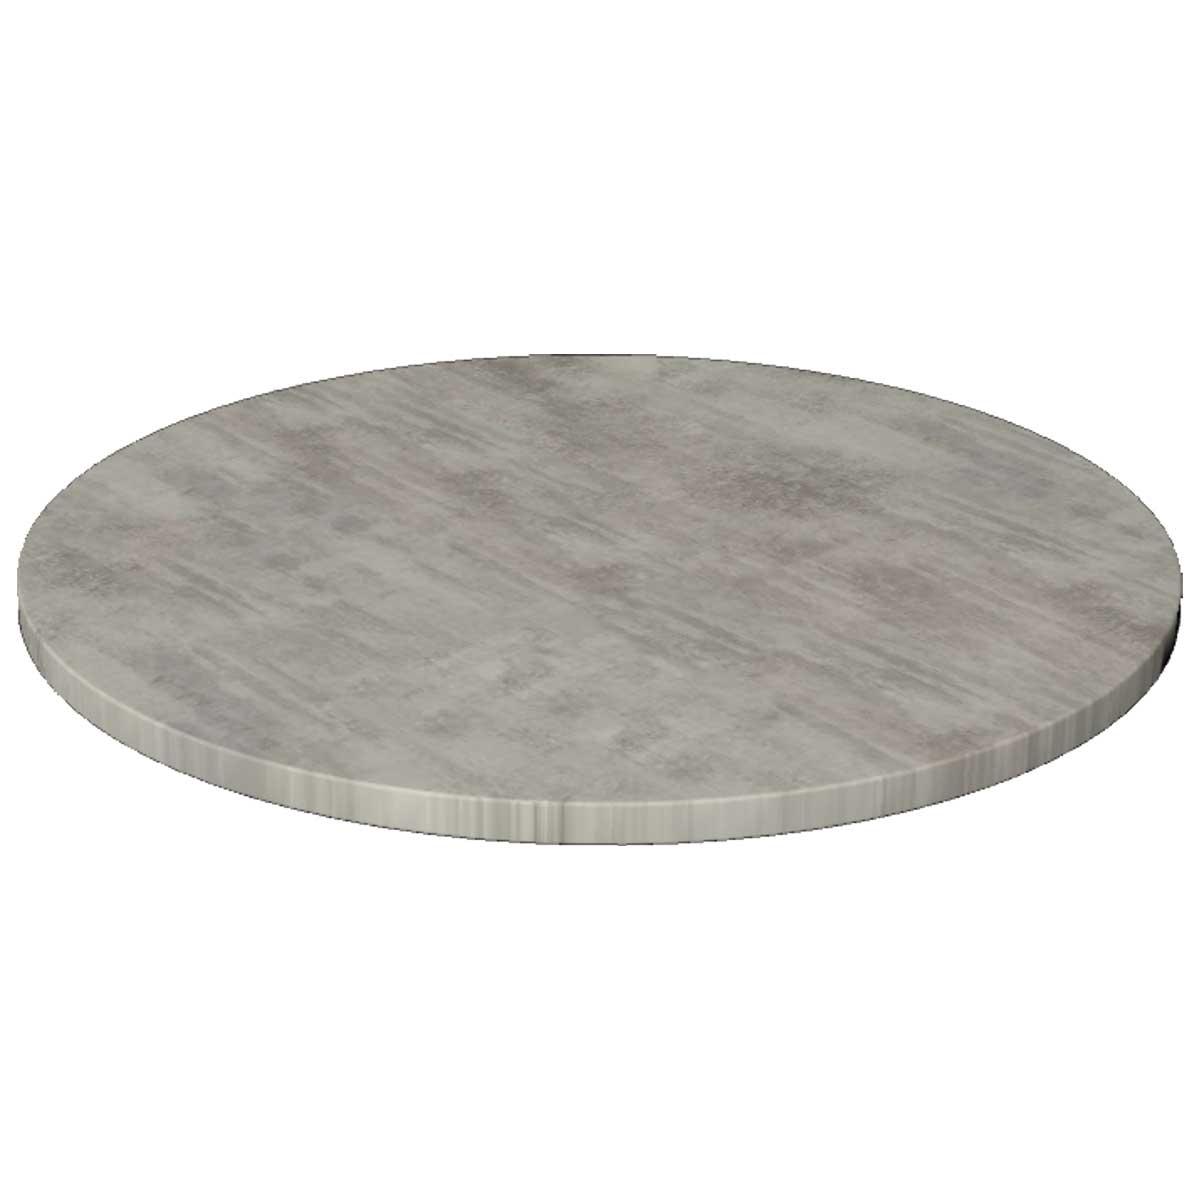 TICAM R60 3331 - https://www.werzalit.com/es/producto/tablero-cambium-r-o60-cm-espesor-del-tablero-29cm-decor-dortmund/